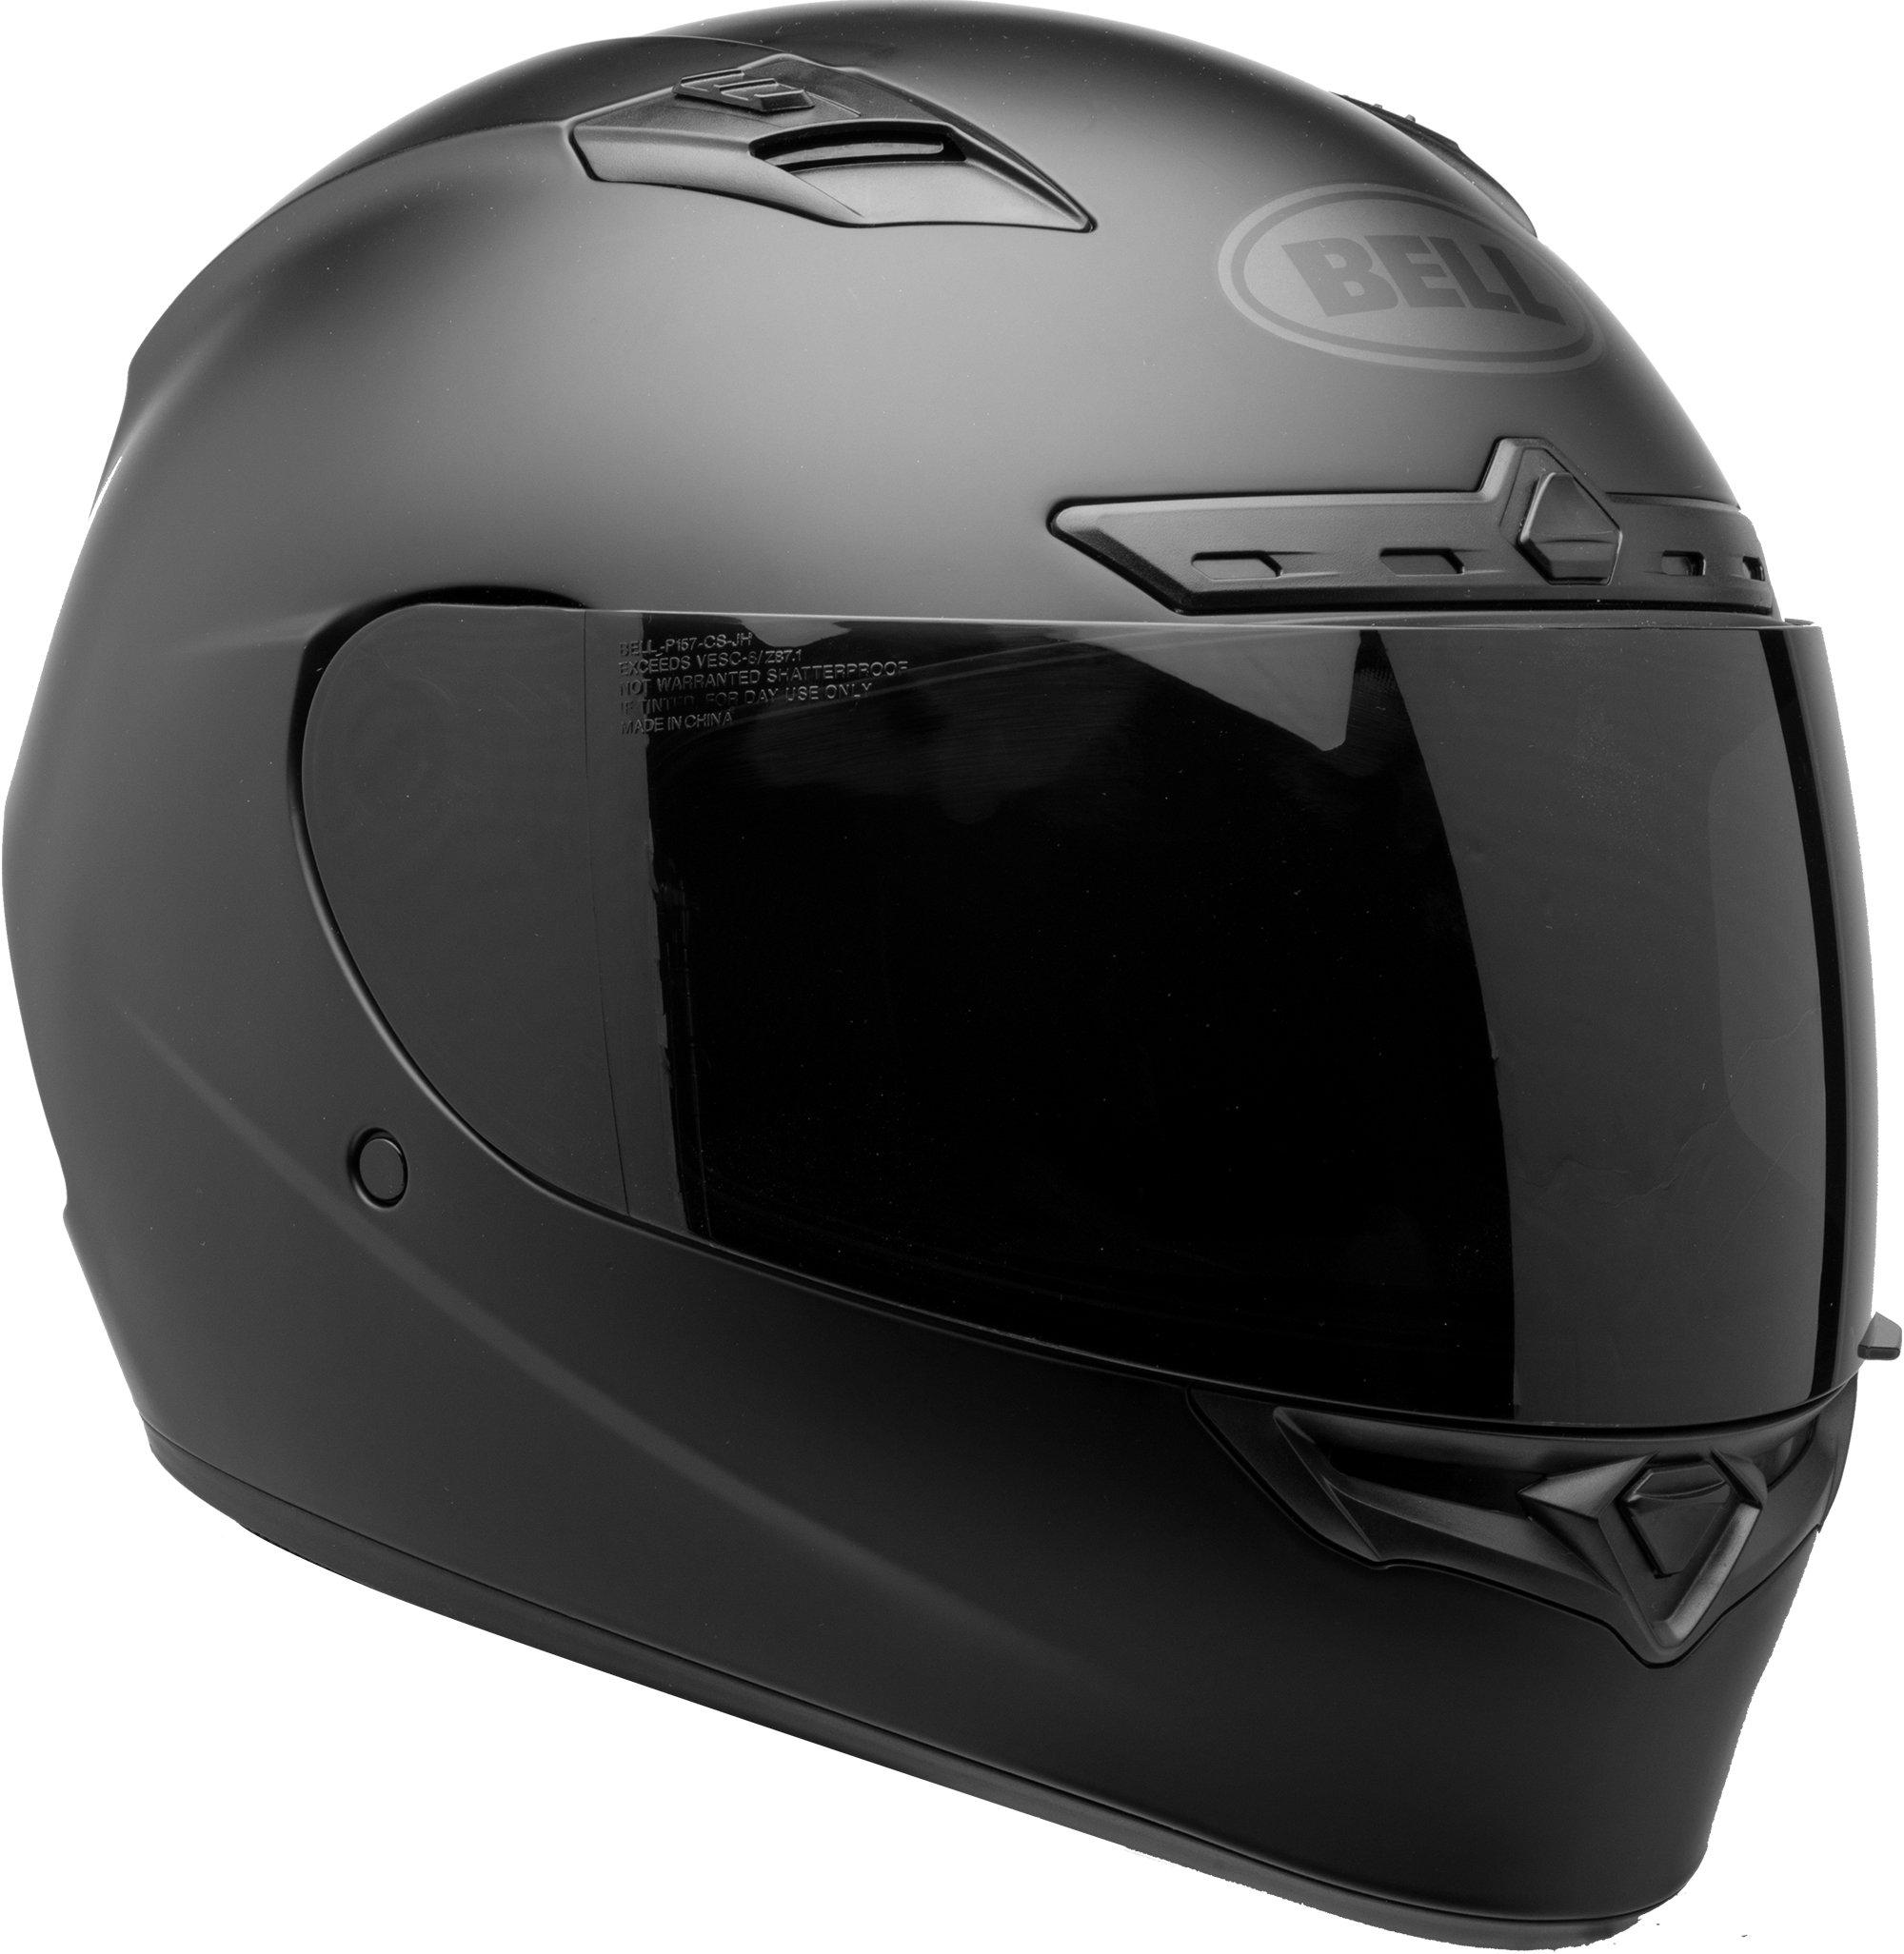 Bell Qualifier DLX Helmet - Blackout (XXX-LARGE) (MATTE BLACK)